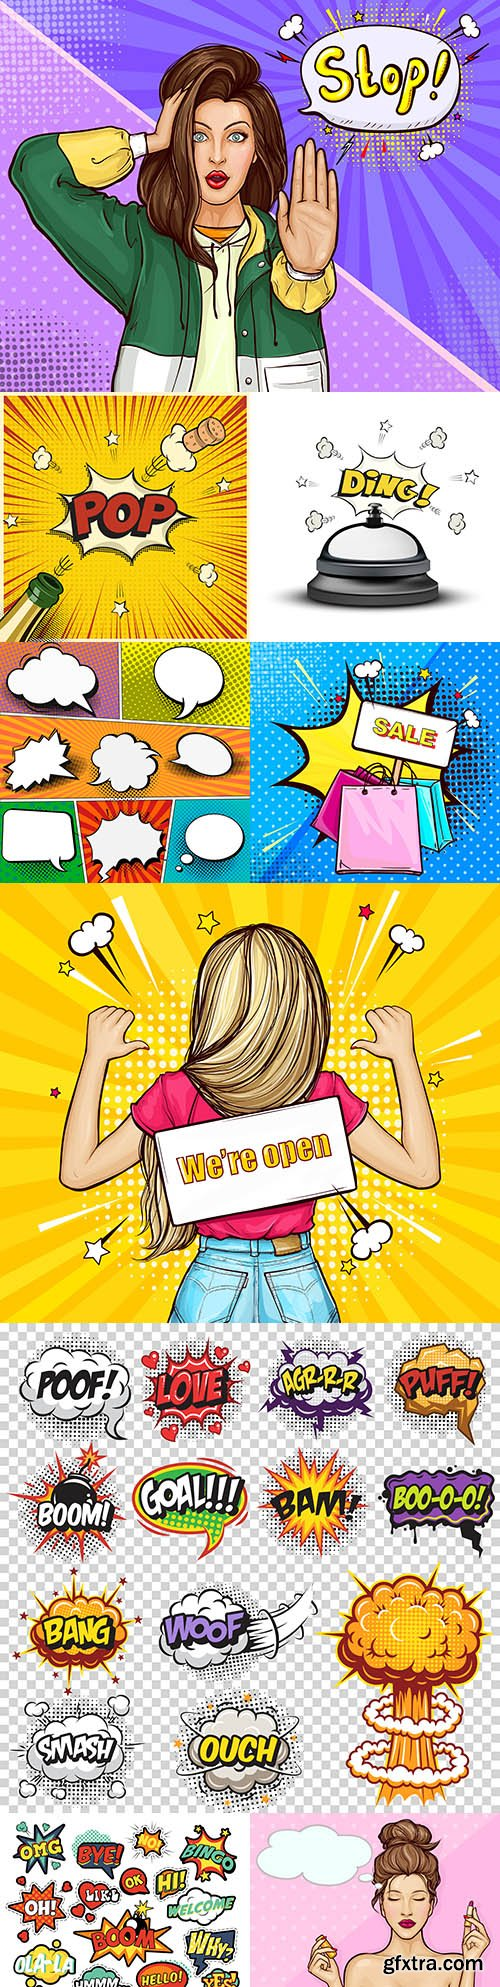 Pop art girl and speech comic book set design